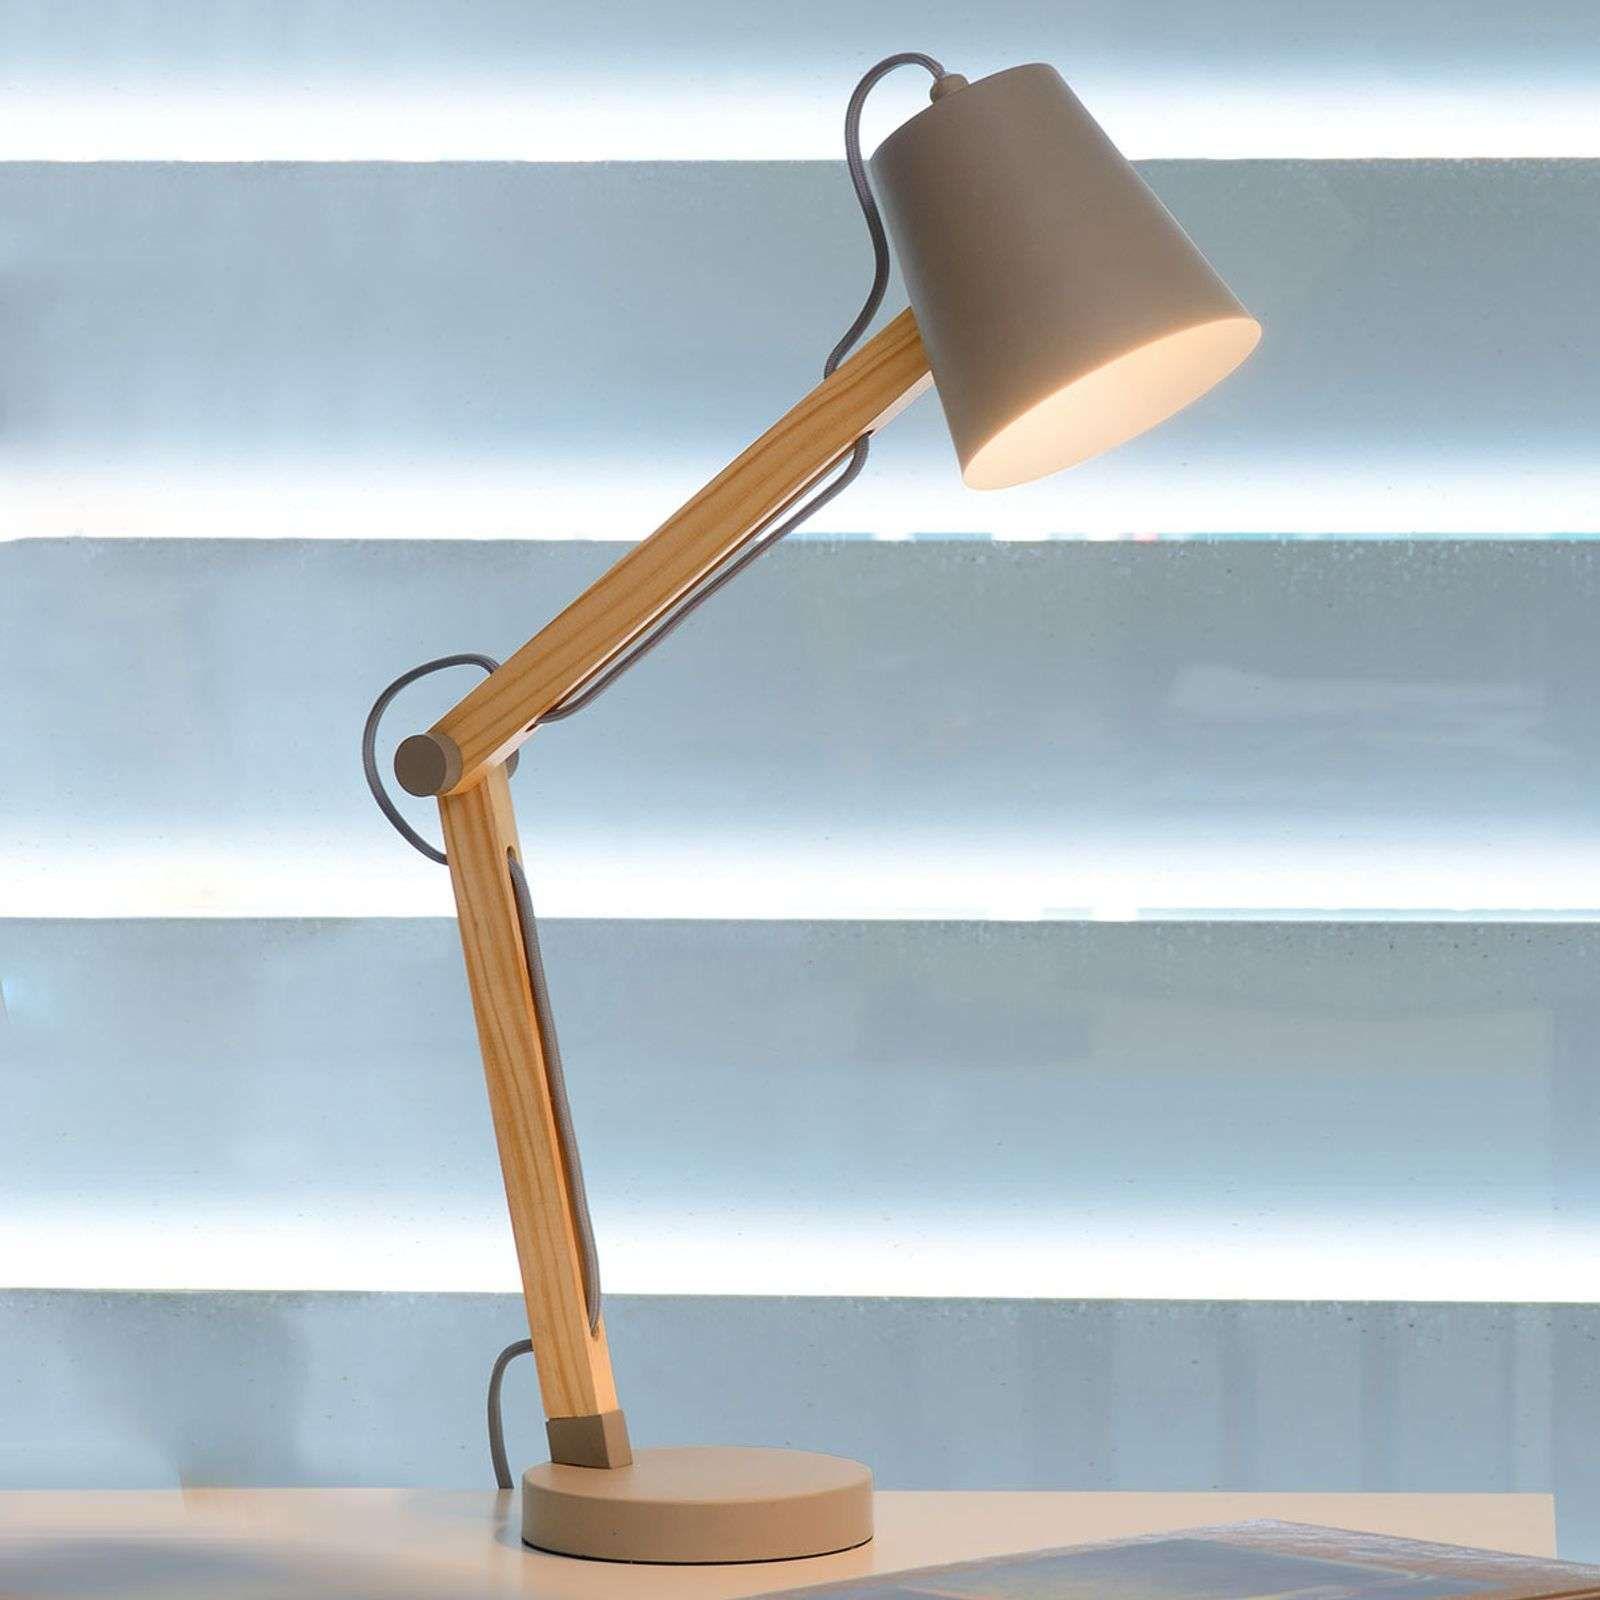 Schemerlamp Klein Tafellamp Landelijk Nieuw Tafellamp Met Batterij Staande Lamp Design Marktplaats Stenen Schemerlamp In 2020 Bureaulamp Gloeilampen Houten